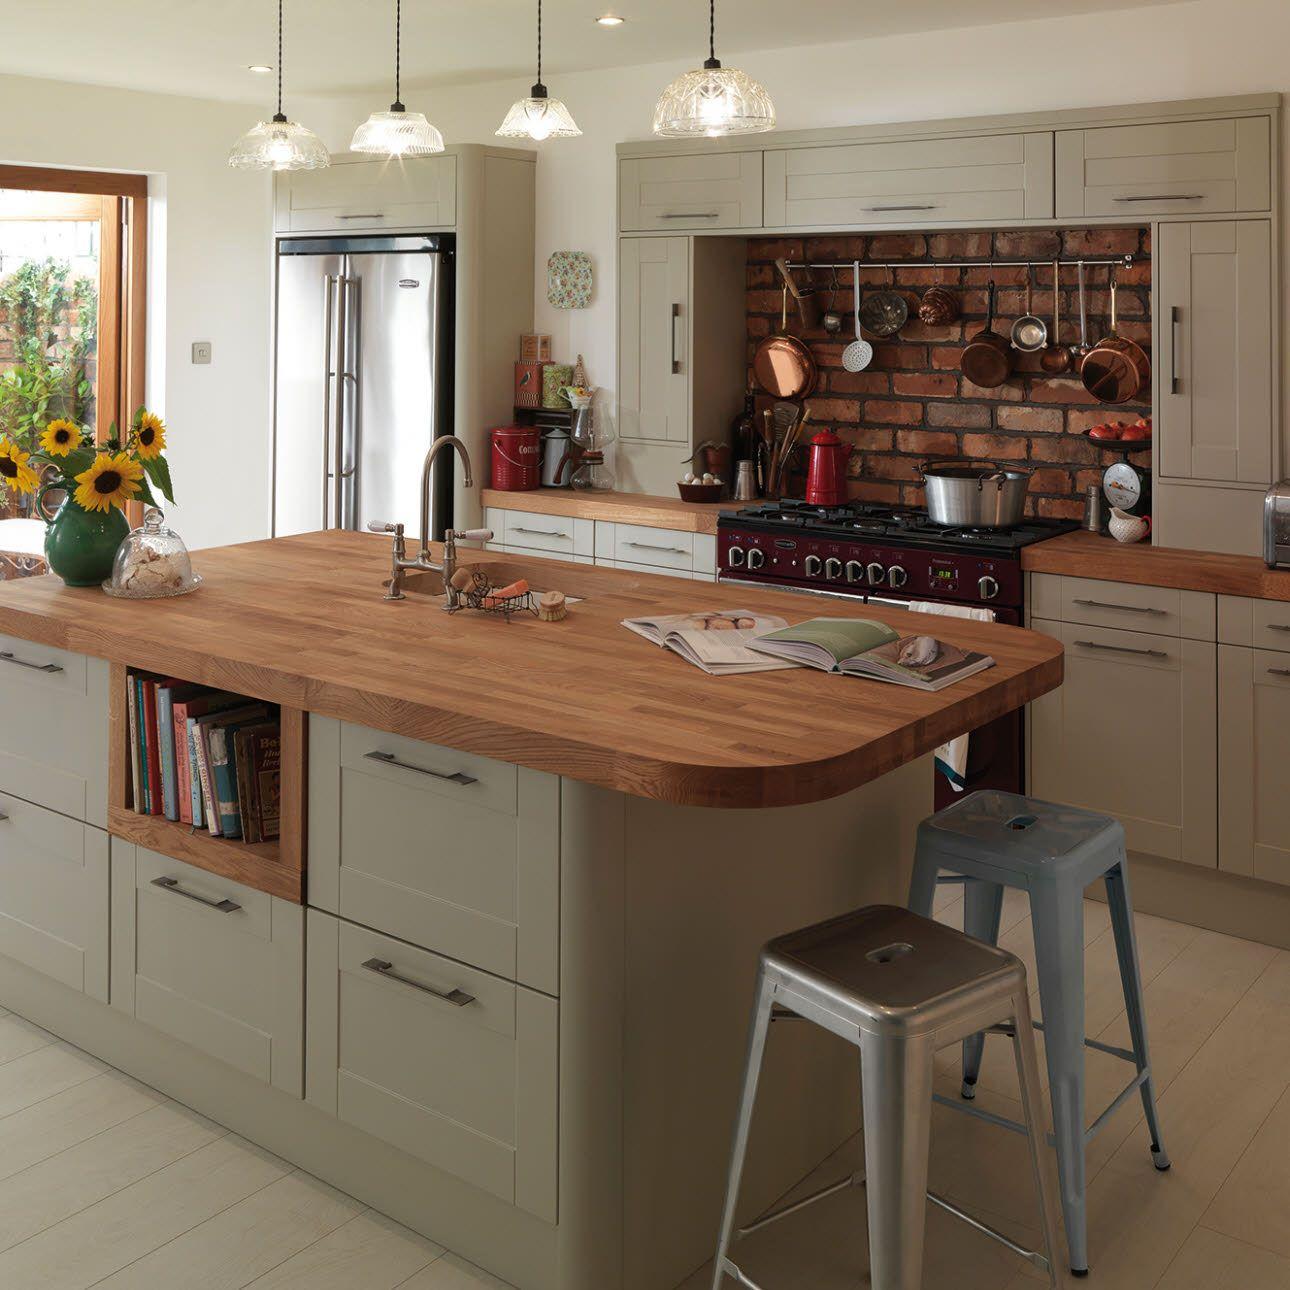 Leighton Grey Magnet | Kitchen Inspirations, Kitchen Design, Rustic Kitchen